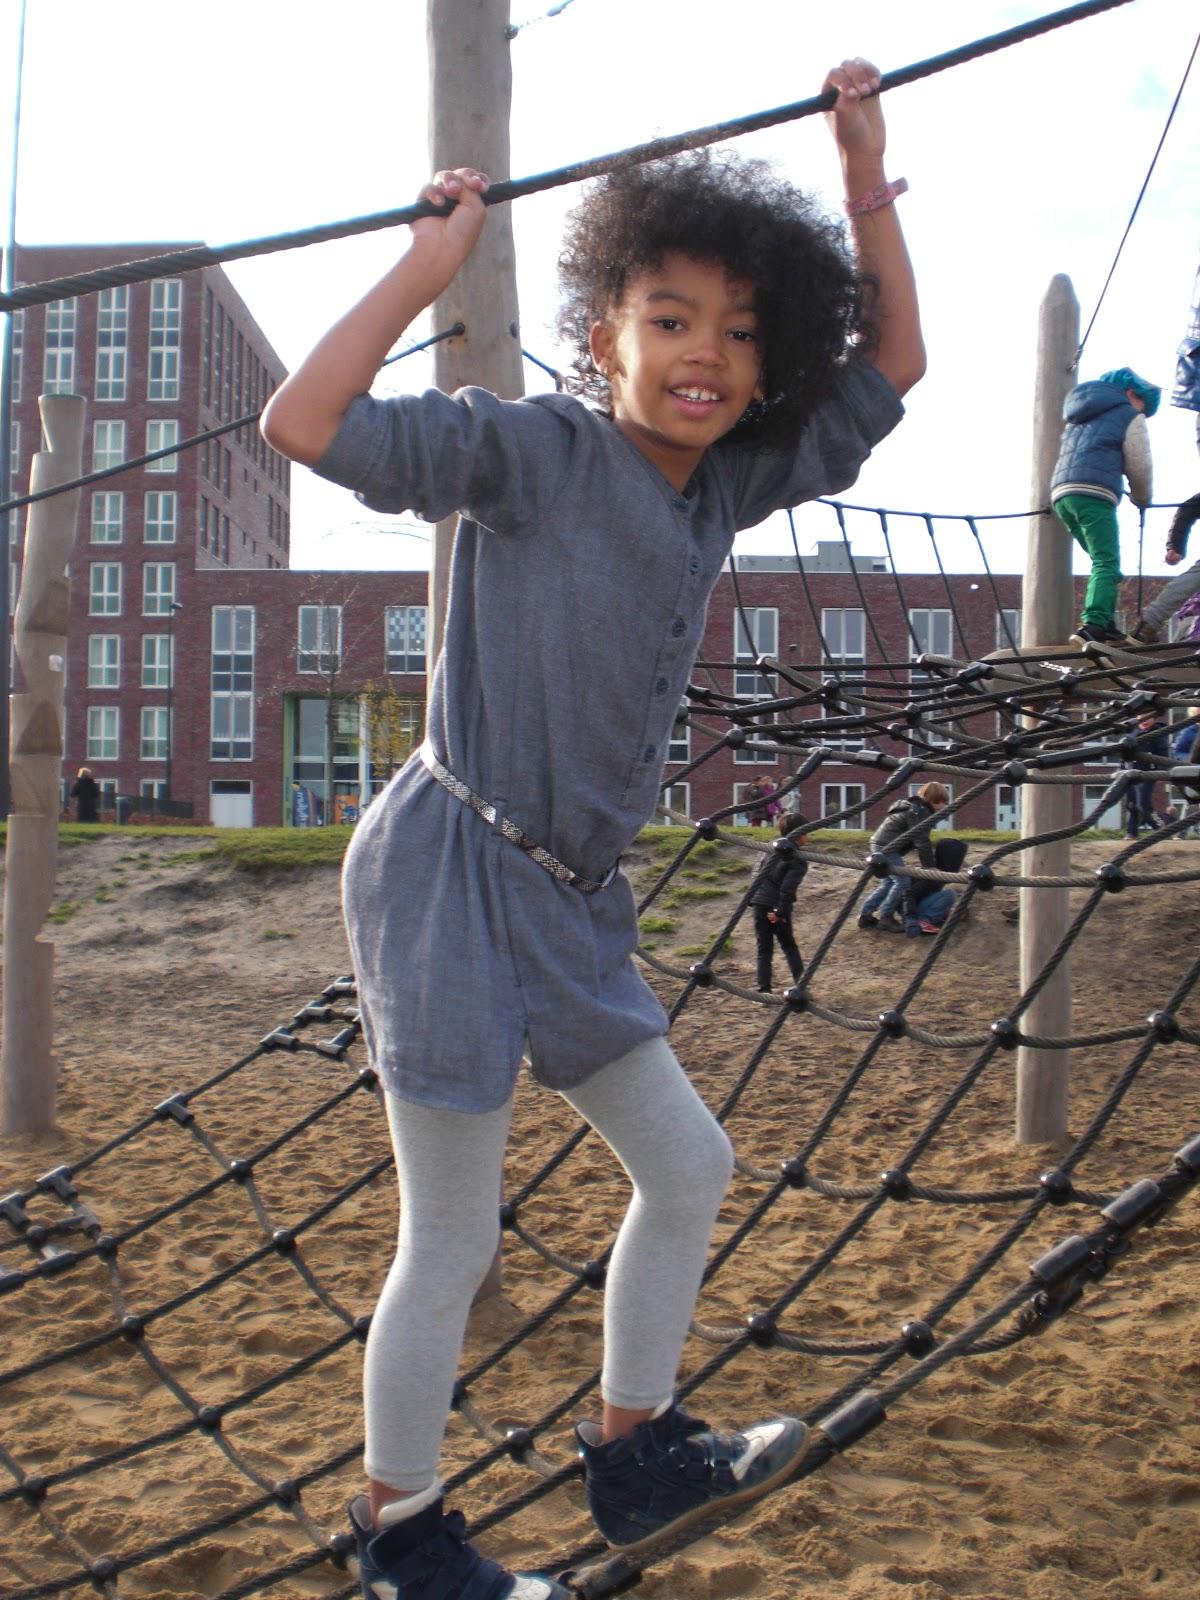 Stijlgids voor kids: december 2012